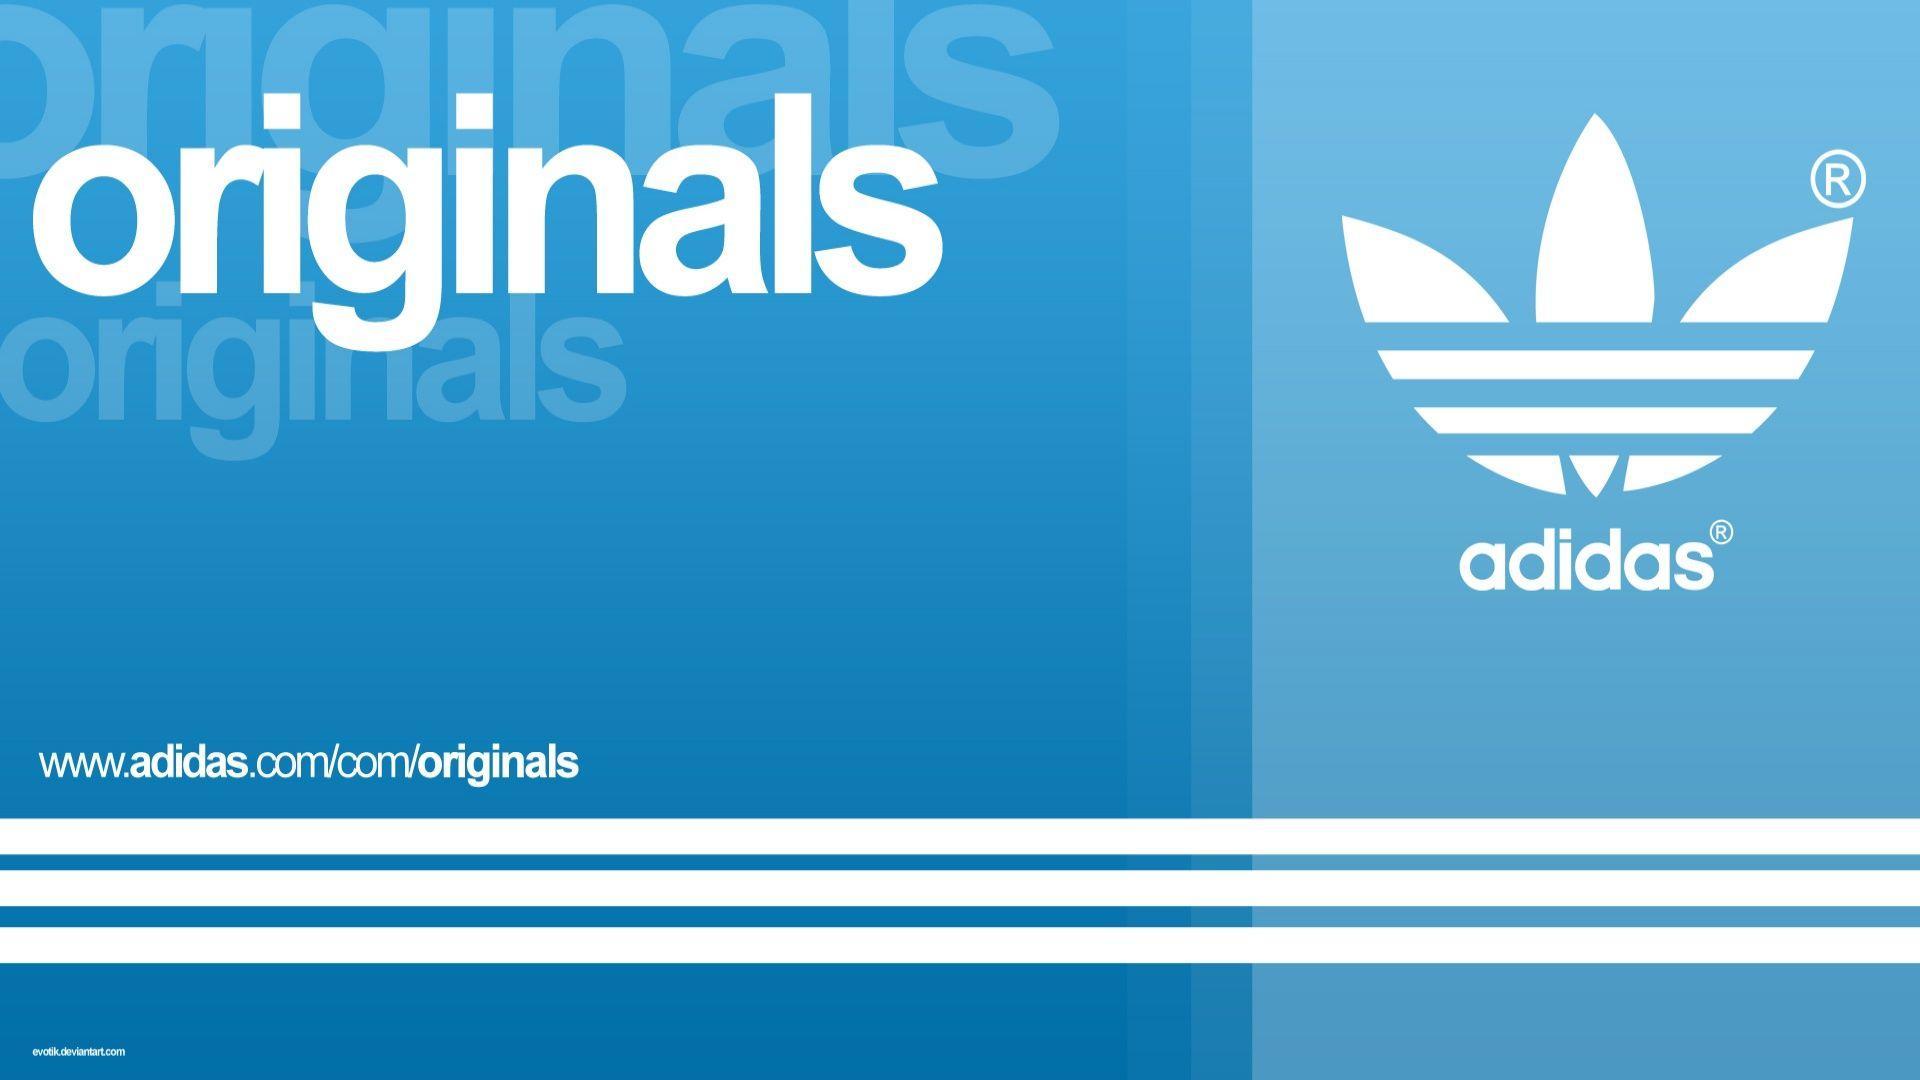 adidas original logo